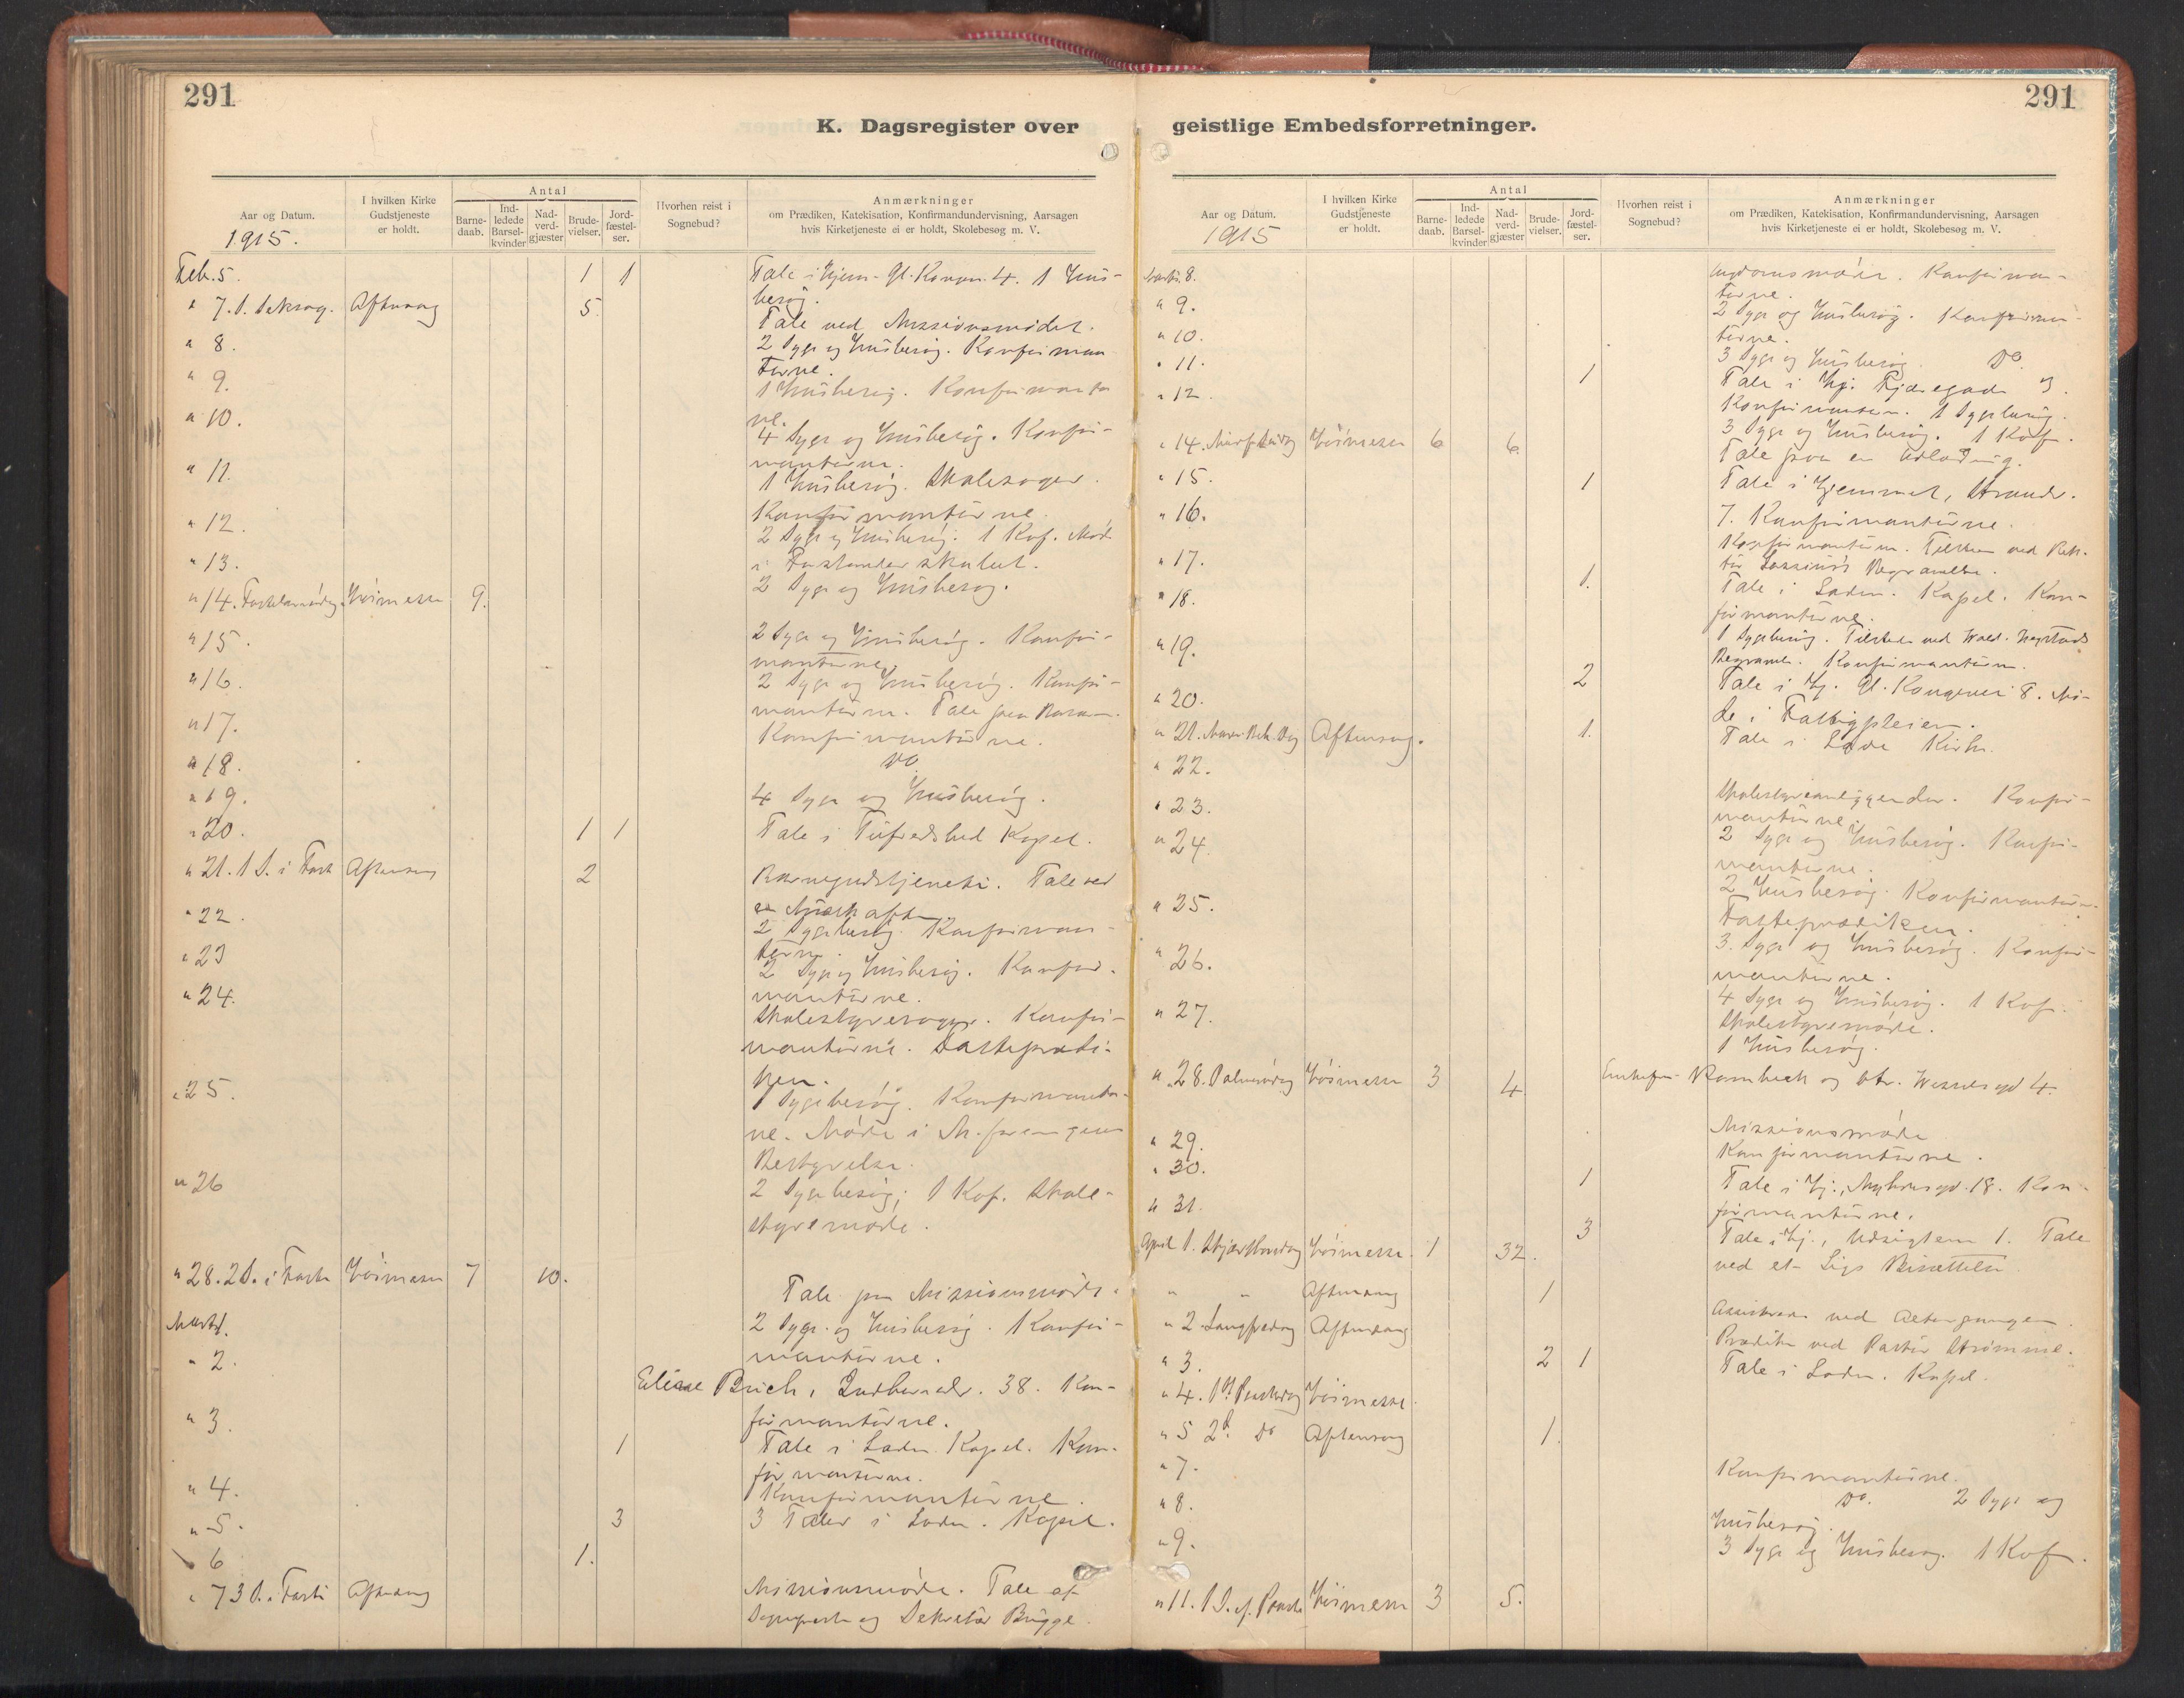 SAT, Ministerialprotokoller, klokkerbøker og fødselsregistre - Sør-Trøndelag, 605/L0244: Ministerialbok nr. 605A06, 1908-1954, s. 291